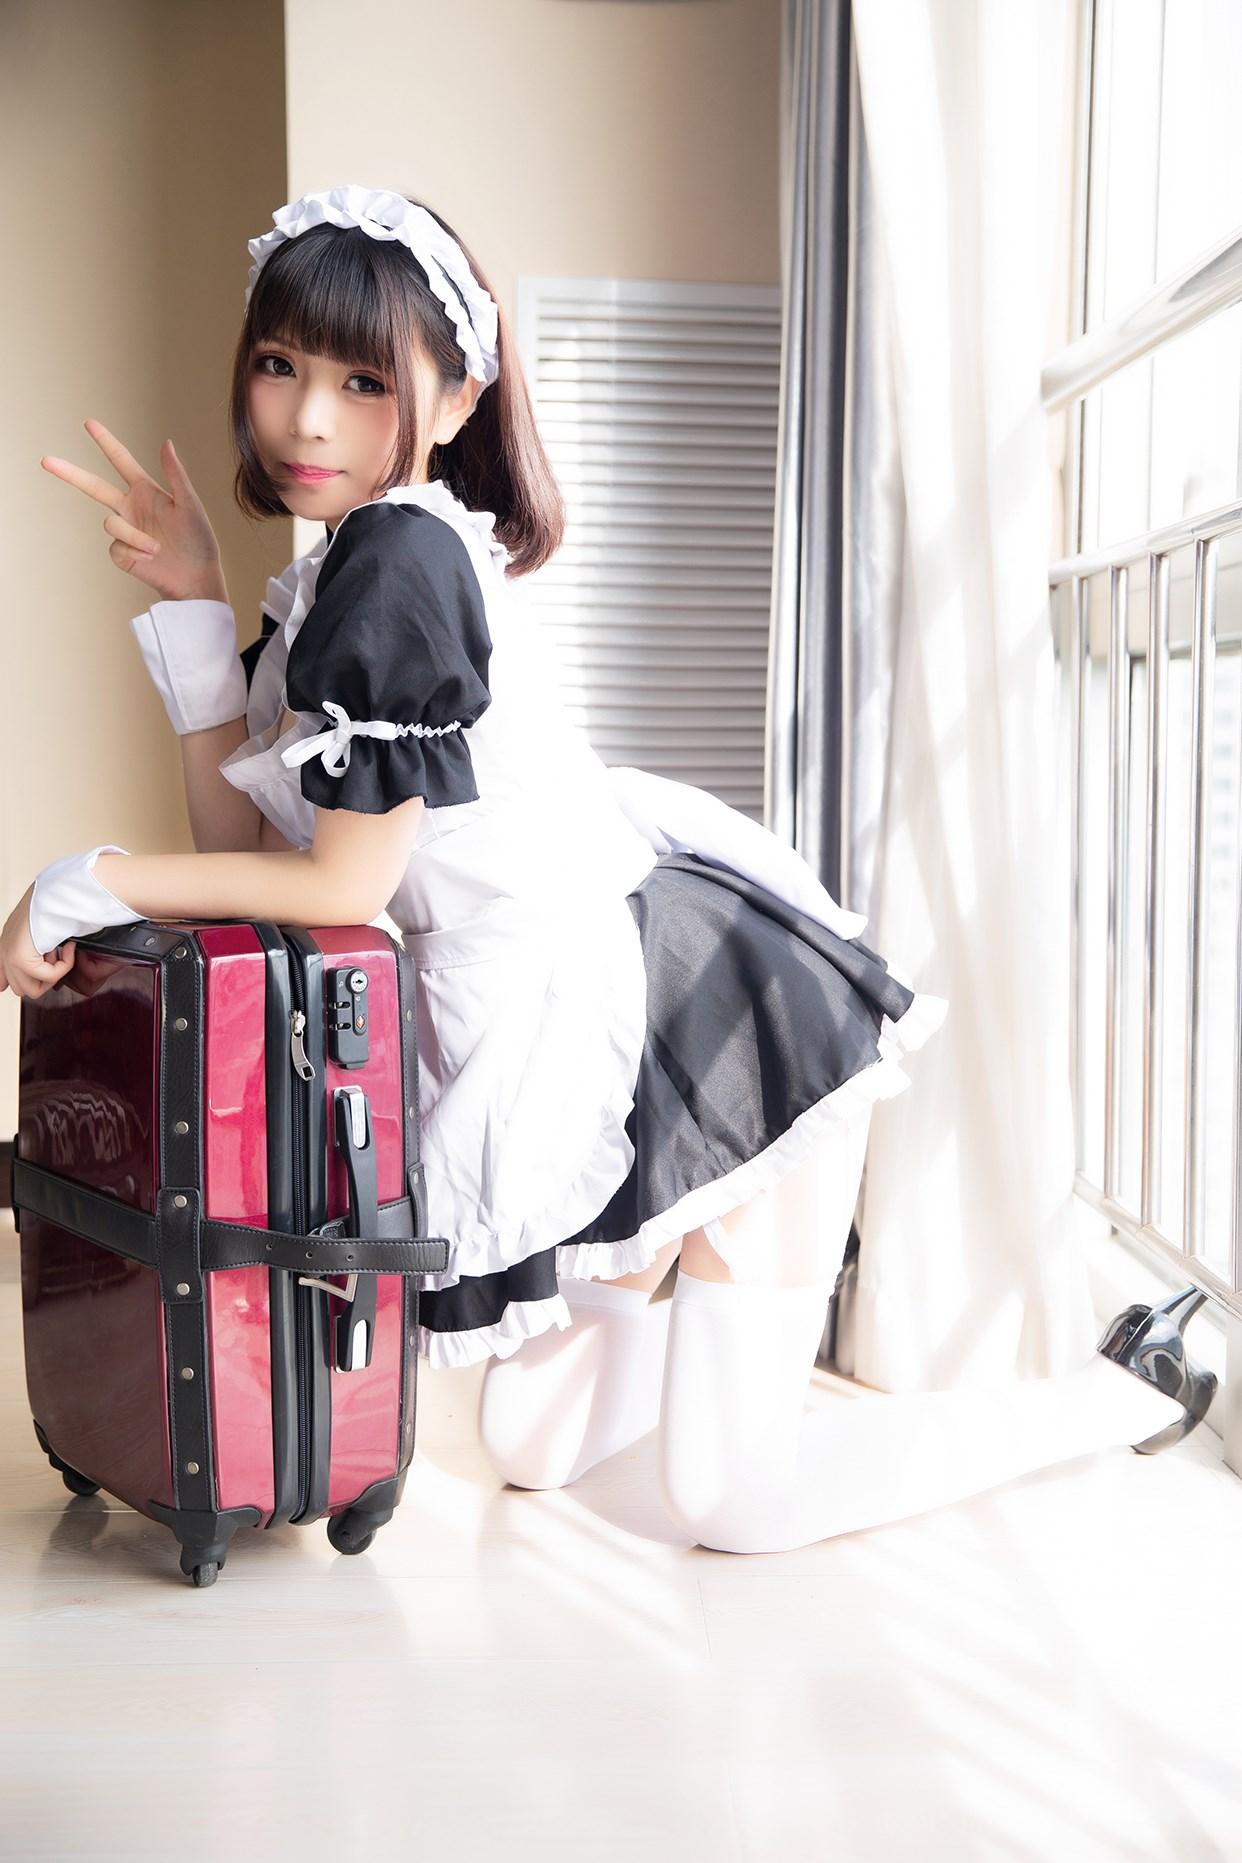 【兔玩映画】vol.03-萝莉女仆 兔玩映画 第8张